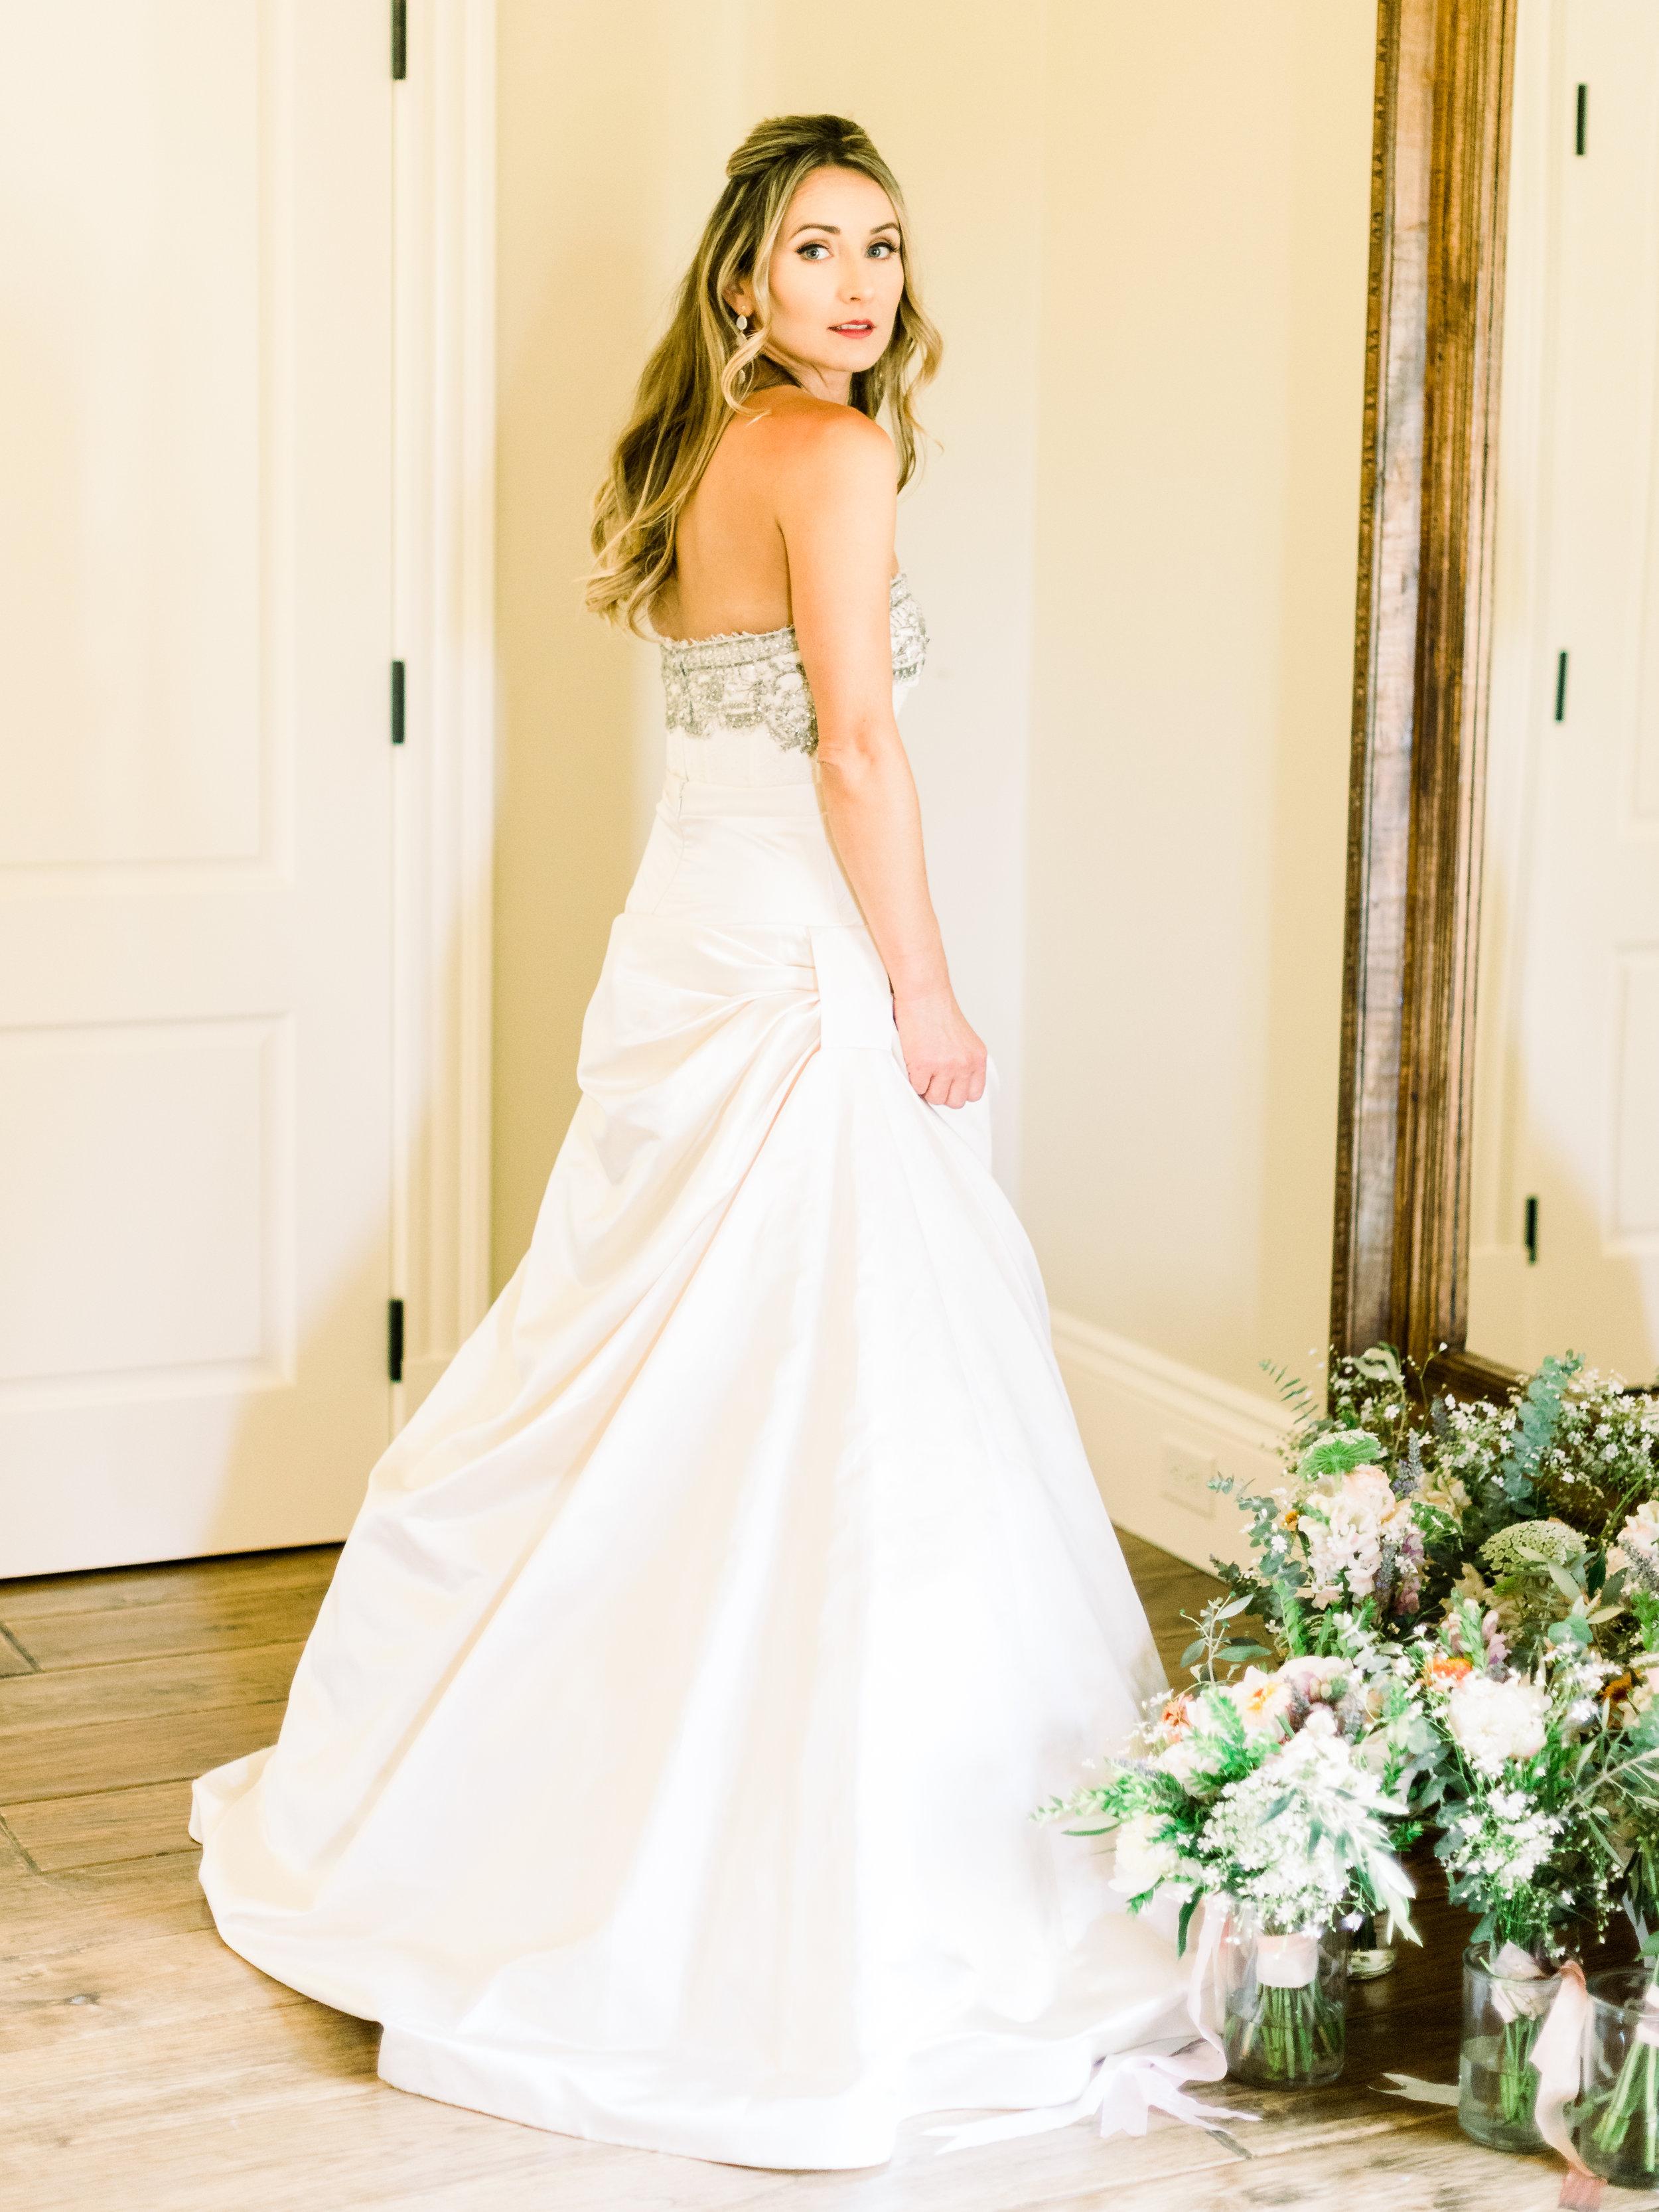 portrait-of-the-bride-in-her-suite.jpg